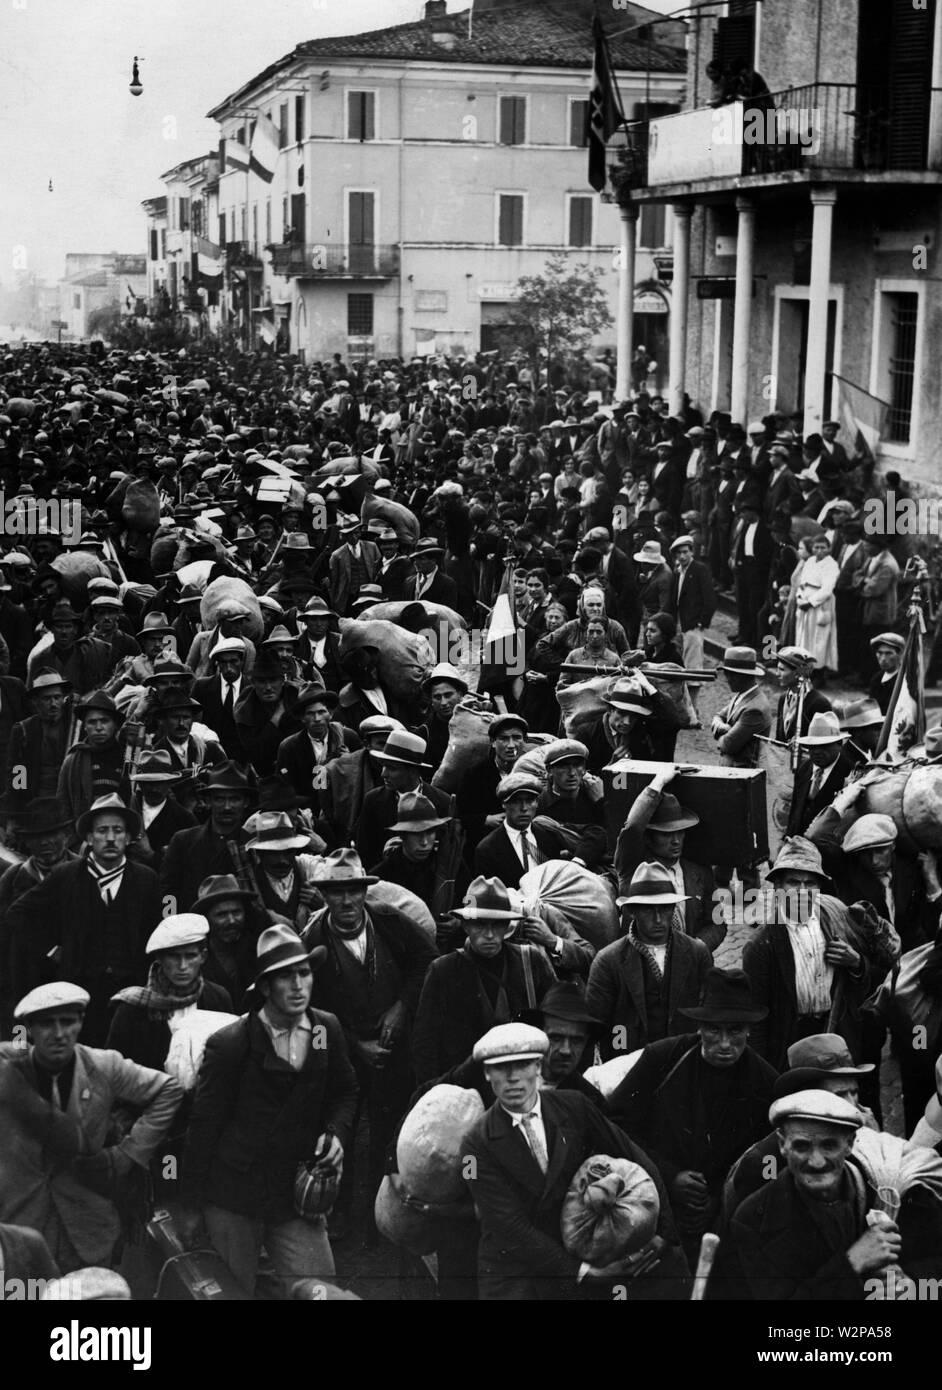 lazio, crowd at littoria, 1920-30 - Stock Image